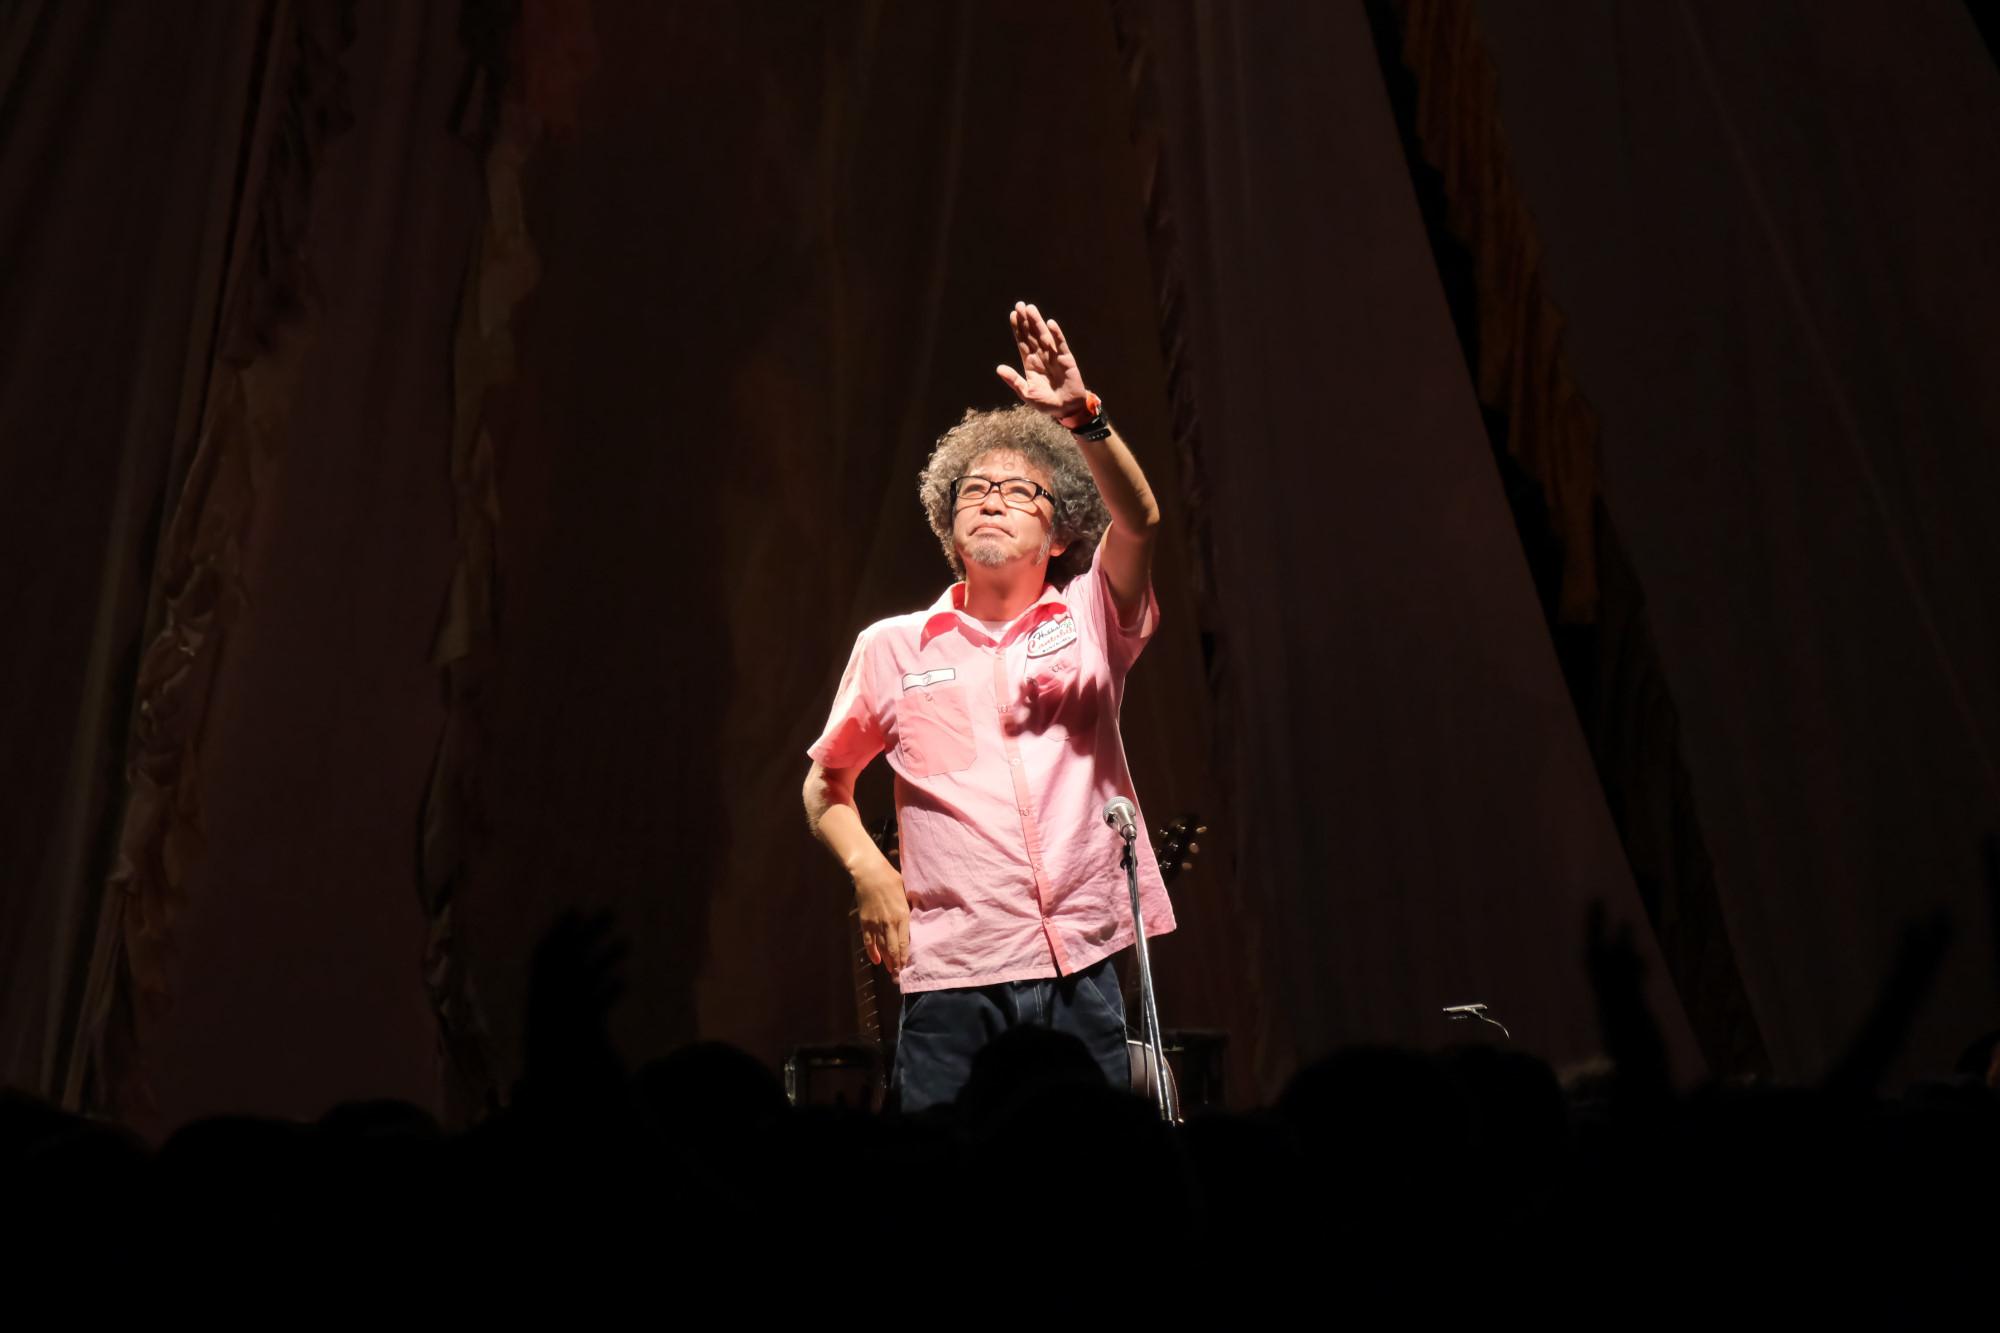 ホッカイカンタビレ/奥田民生ほか (C)RISING SUN ROCK FESTIVAL  photo by 原田直樹